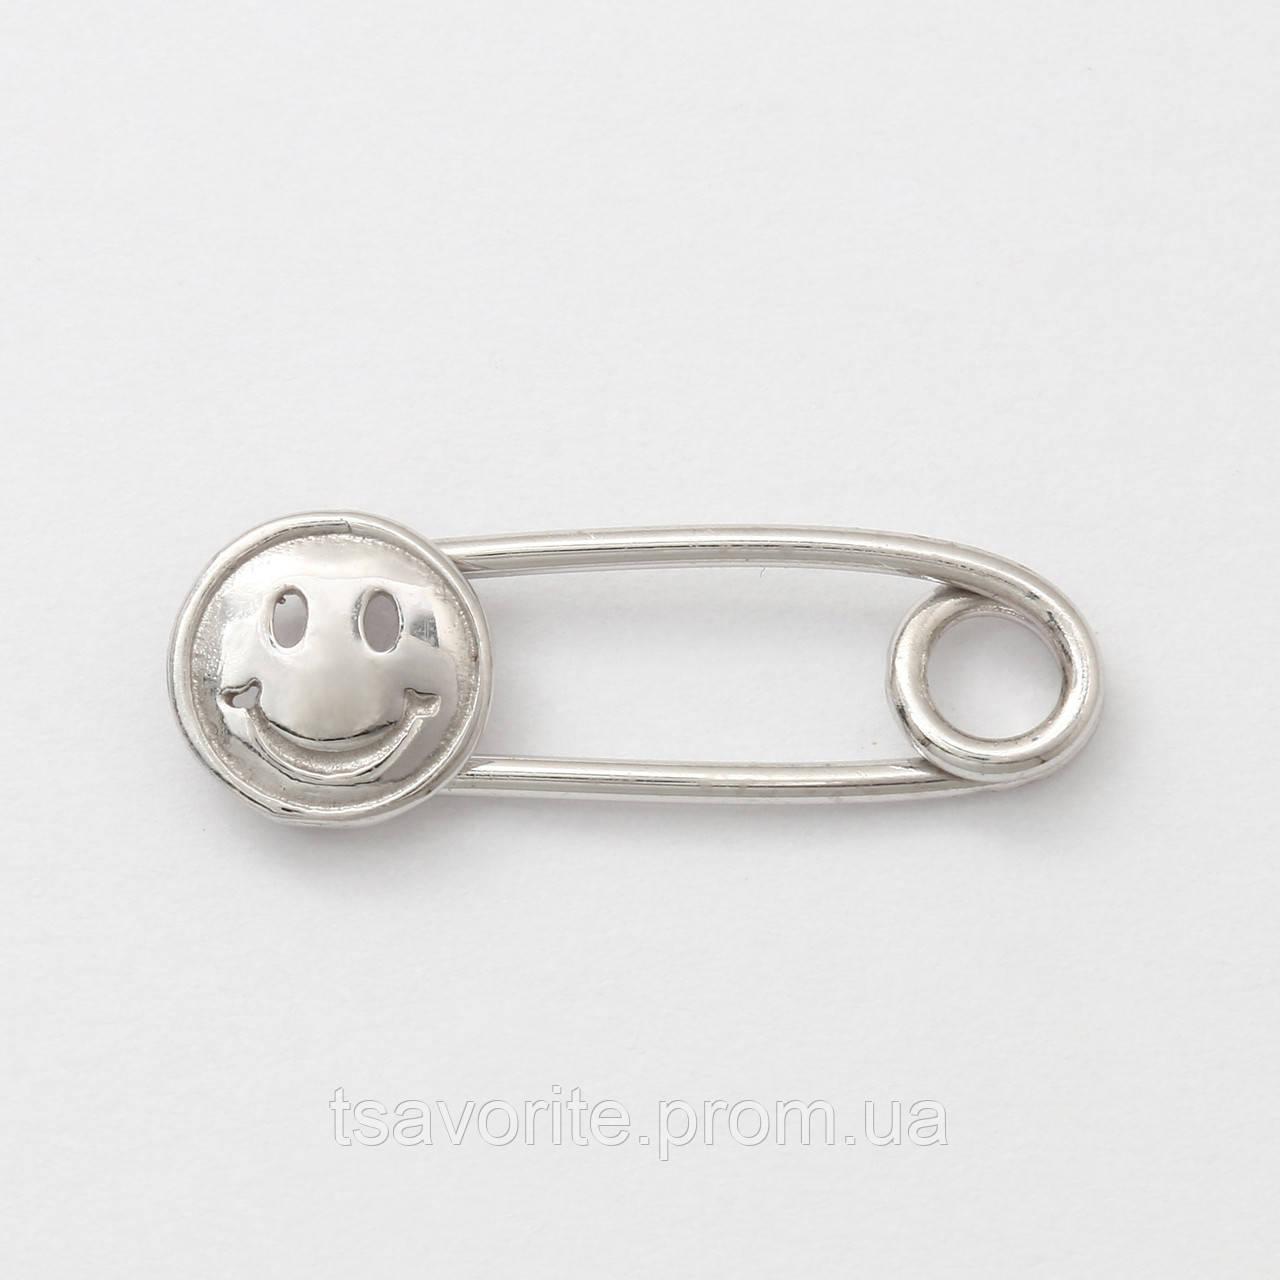 Серебряная булавка 6100083